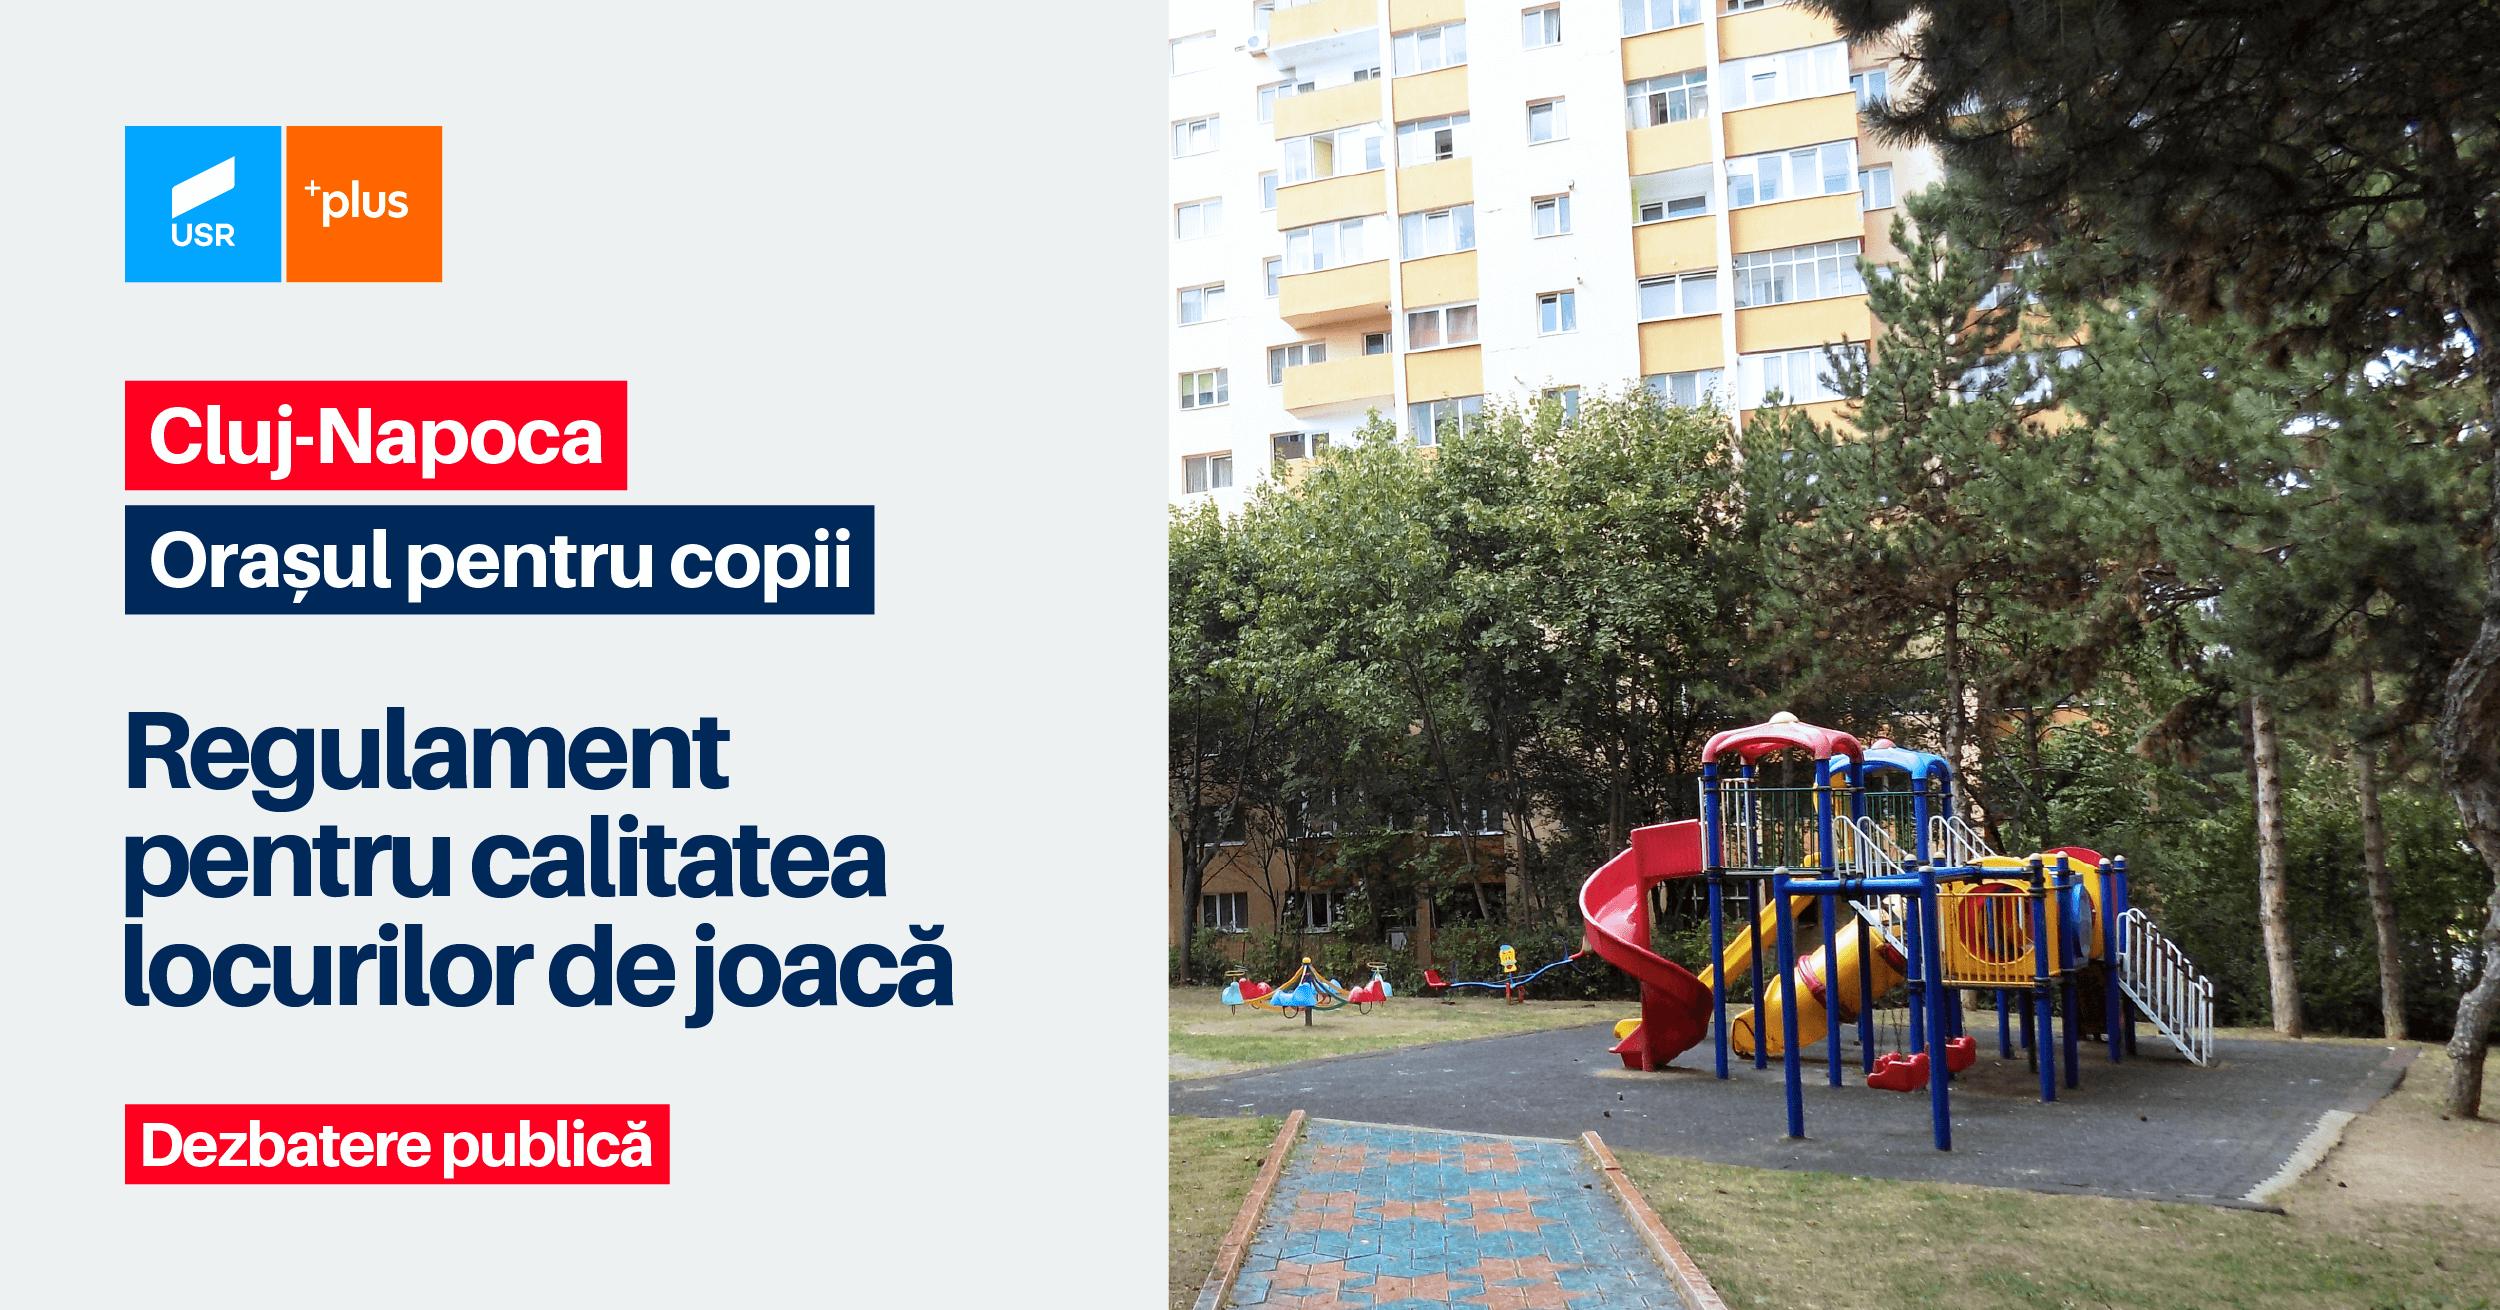 Consultare publică – Regulament de întreținere și amenajare a locurilor de joacă pentru copii în Cluj-Napoca